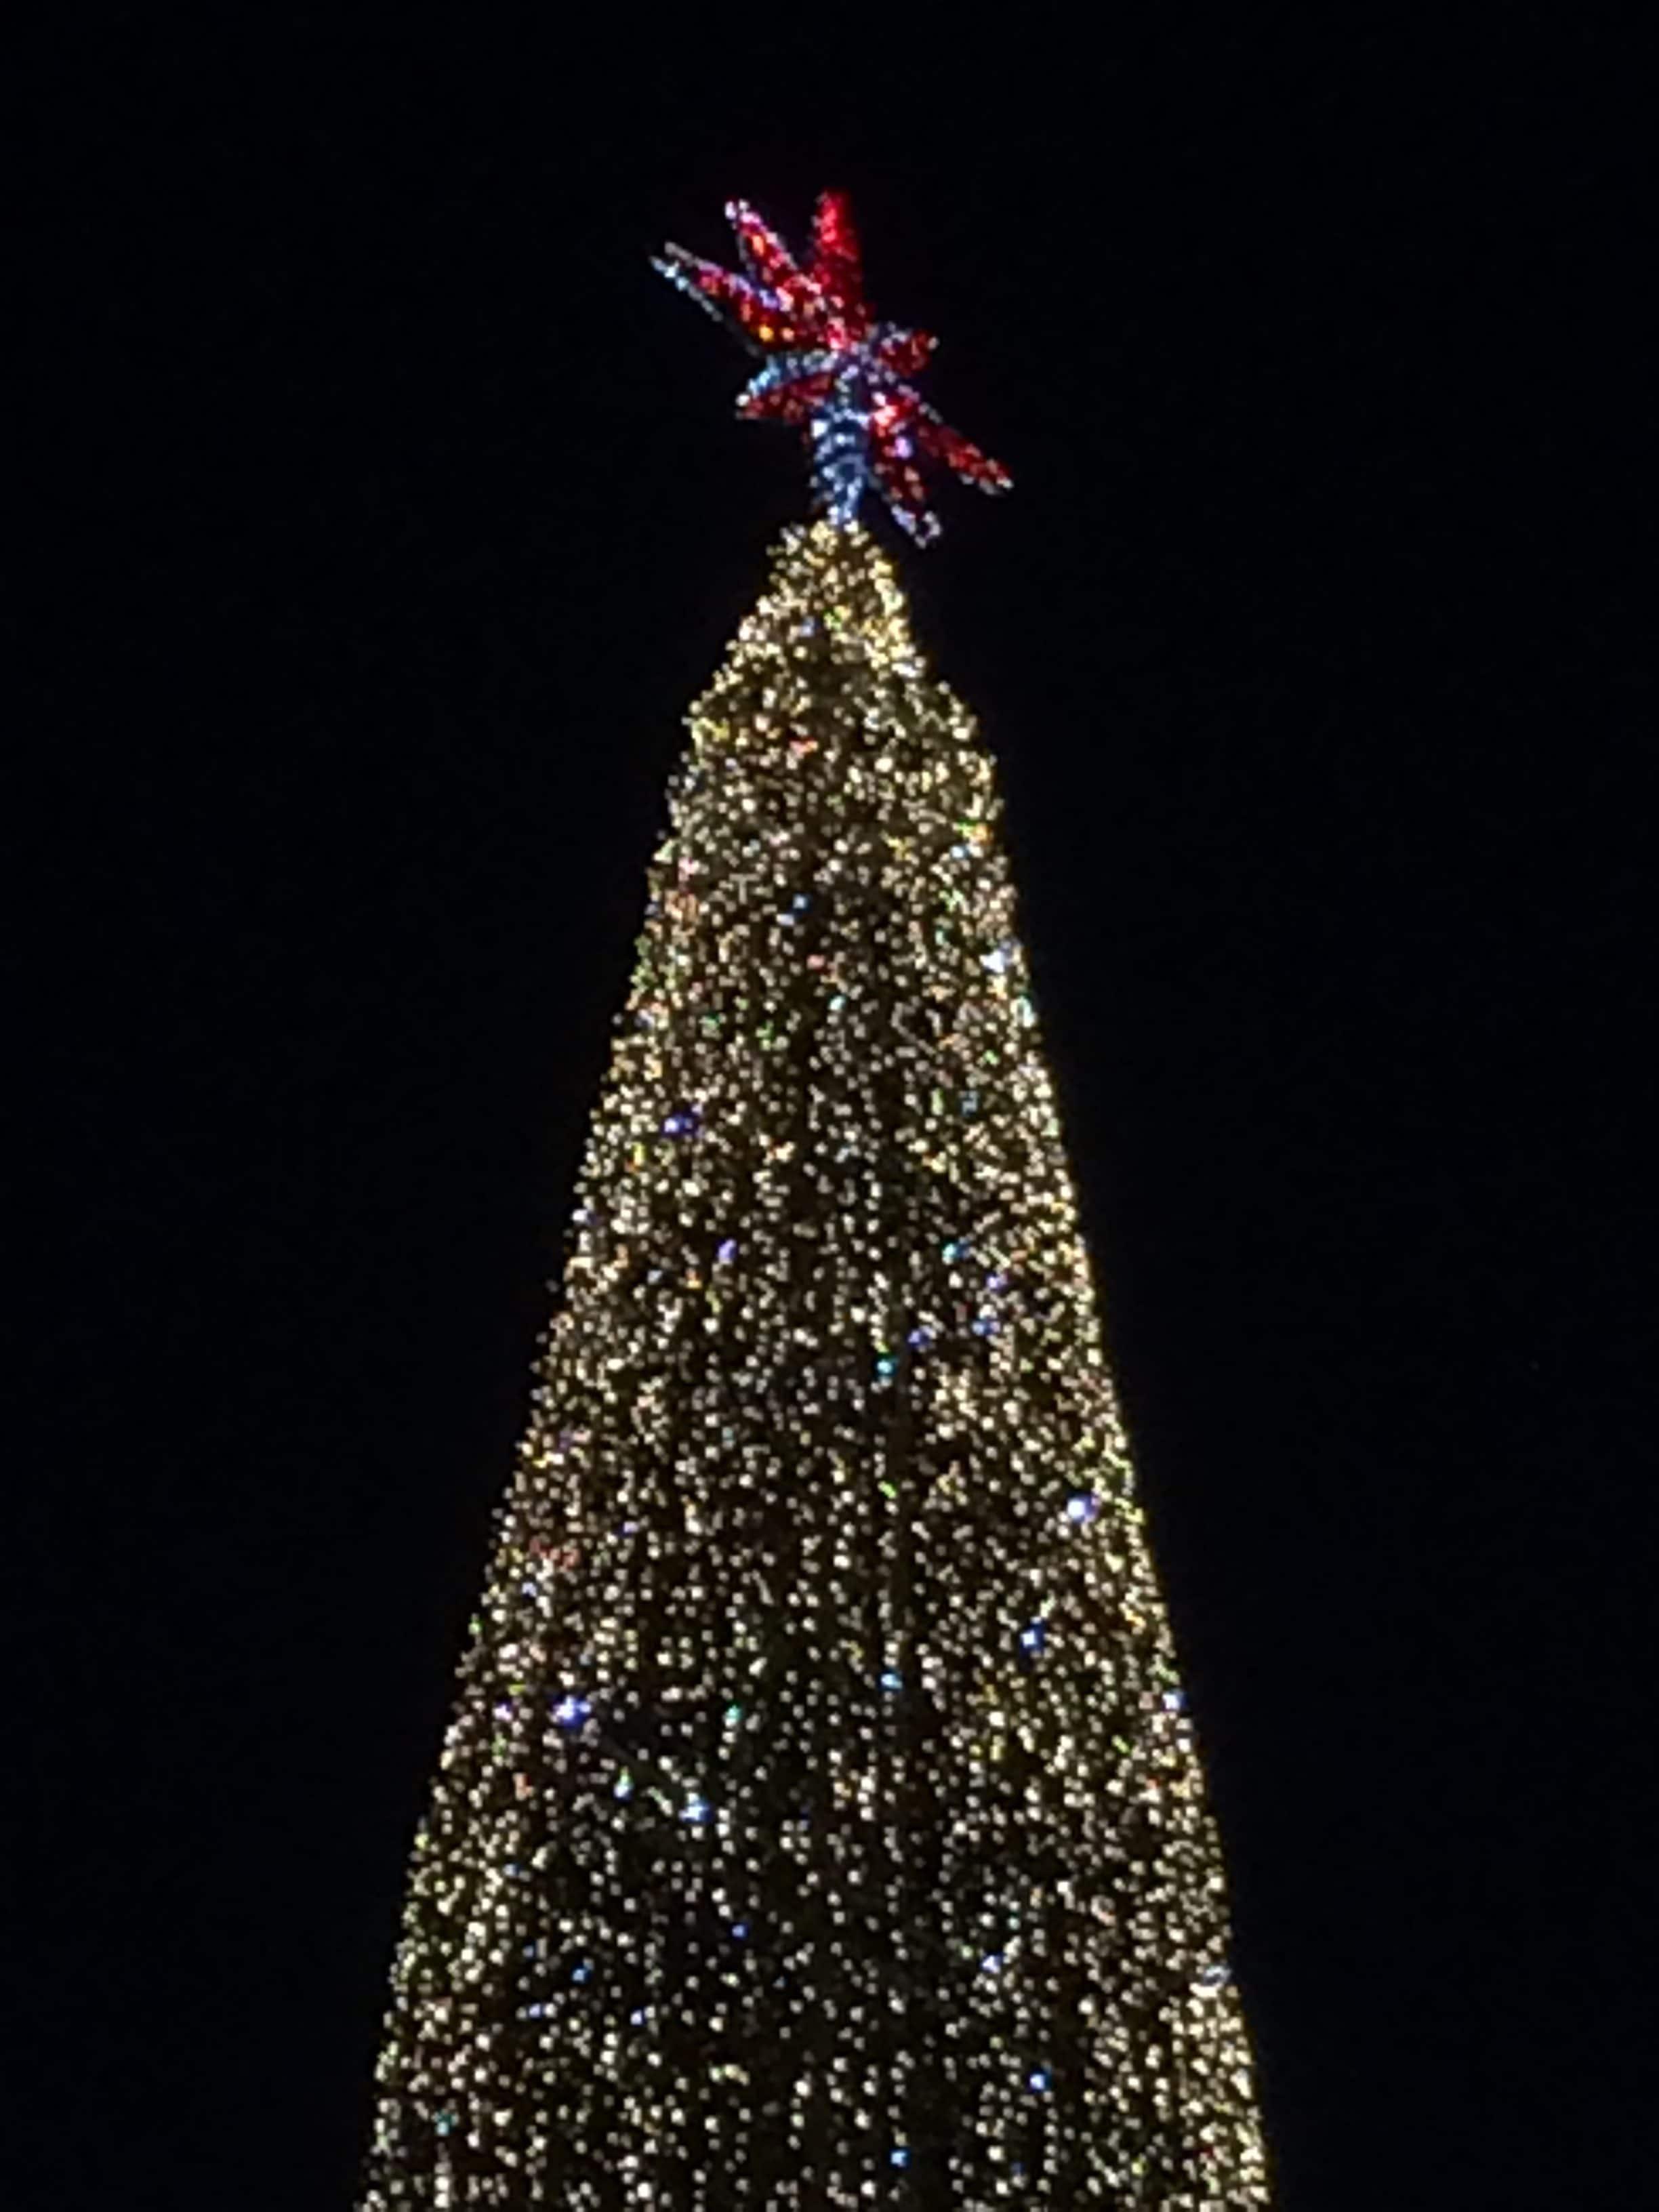 Rød stjerne i toppen af det store juletræ